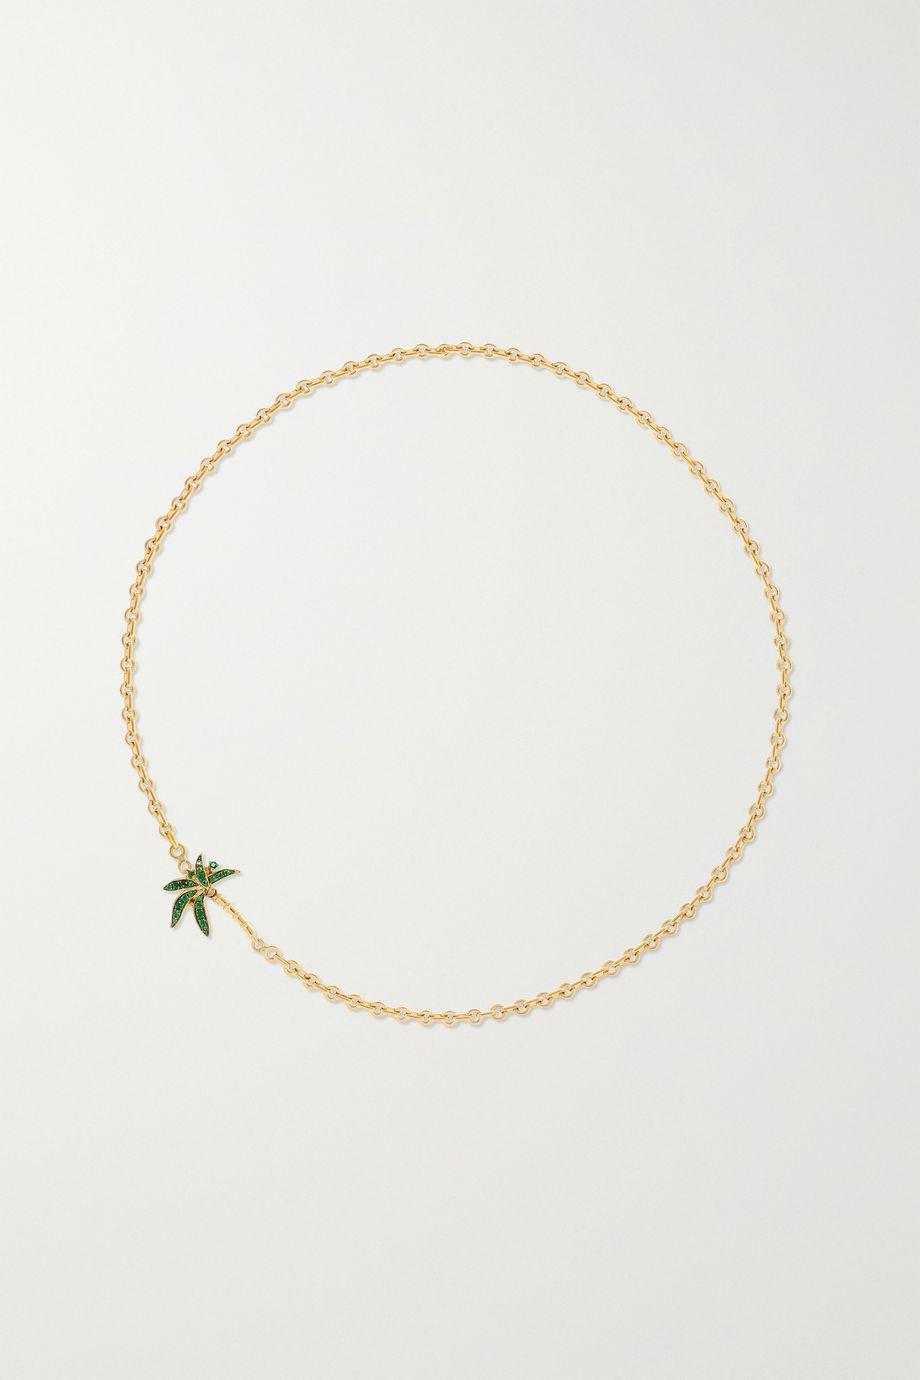 Yvonne Léon 18-karat gold tsavorite necklace